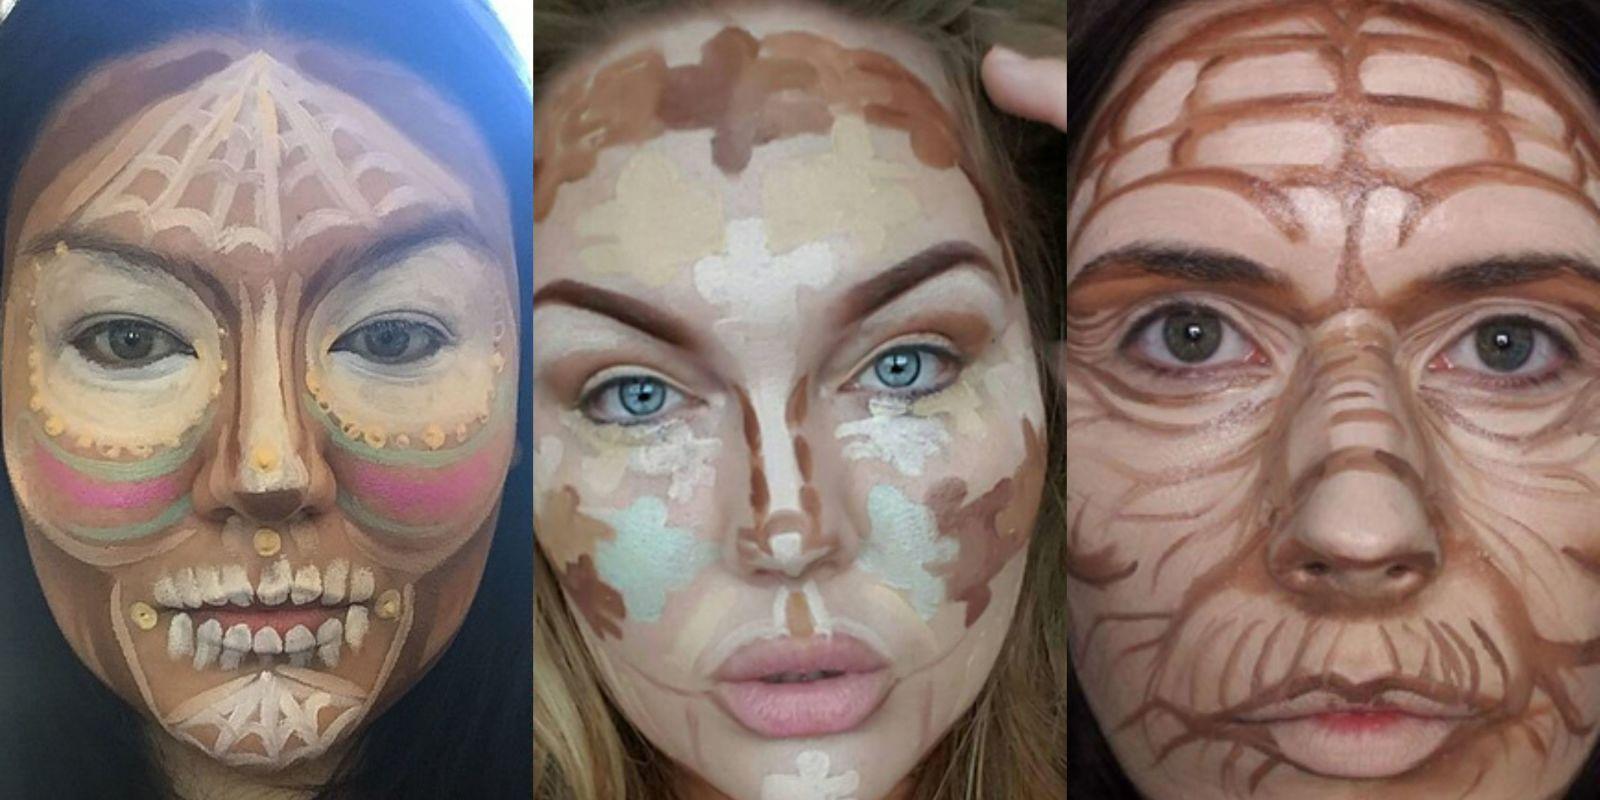 5 Weird Beauty Contouring Videos